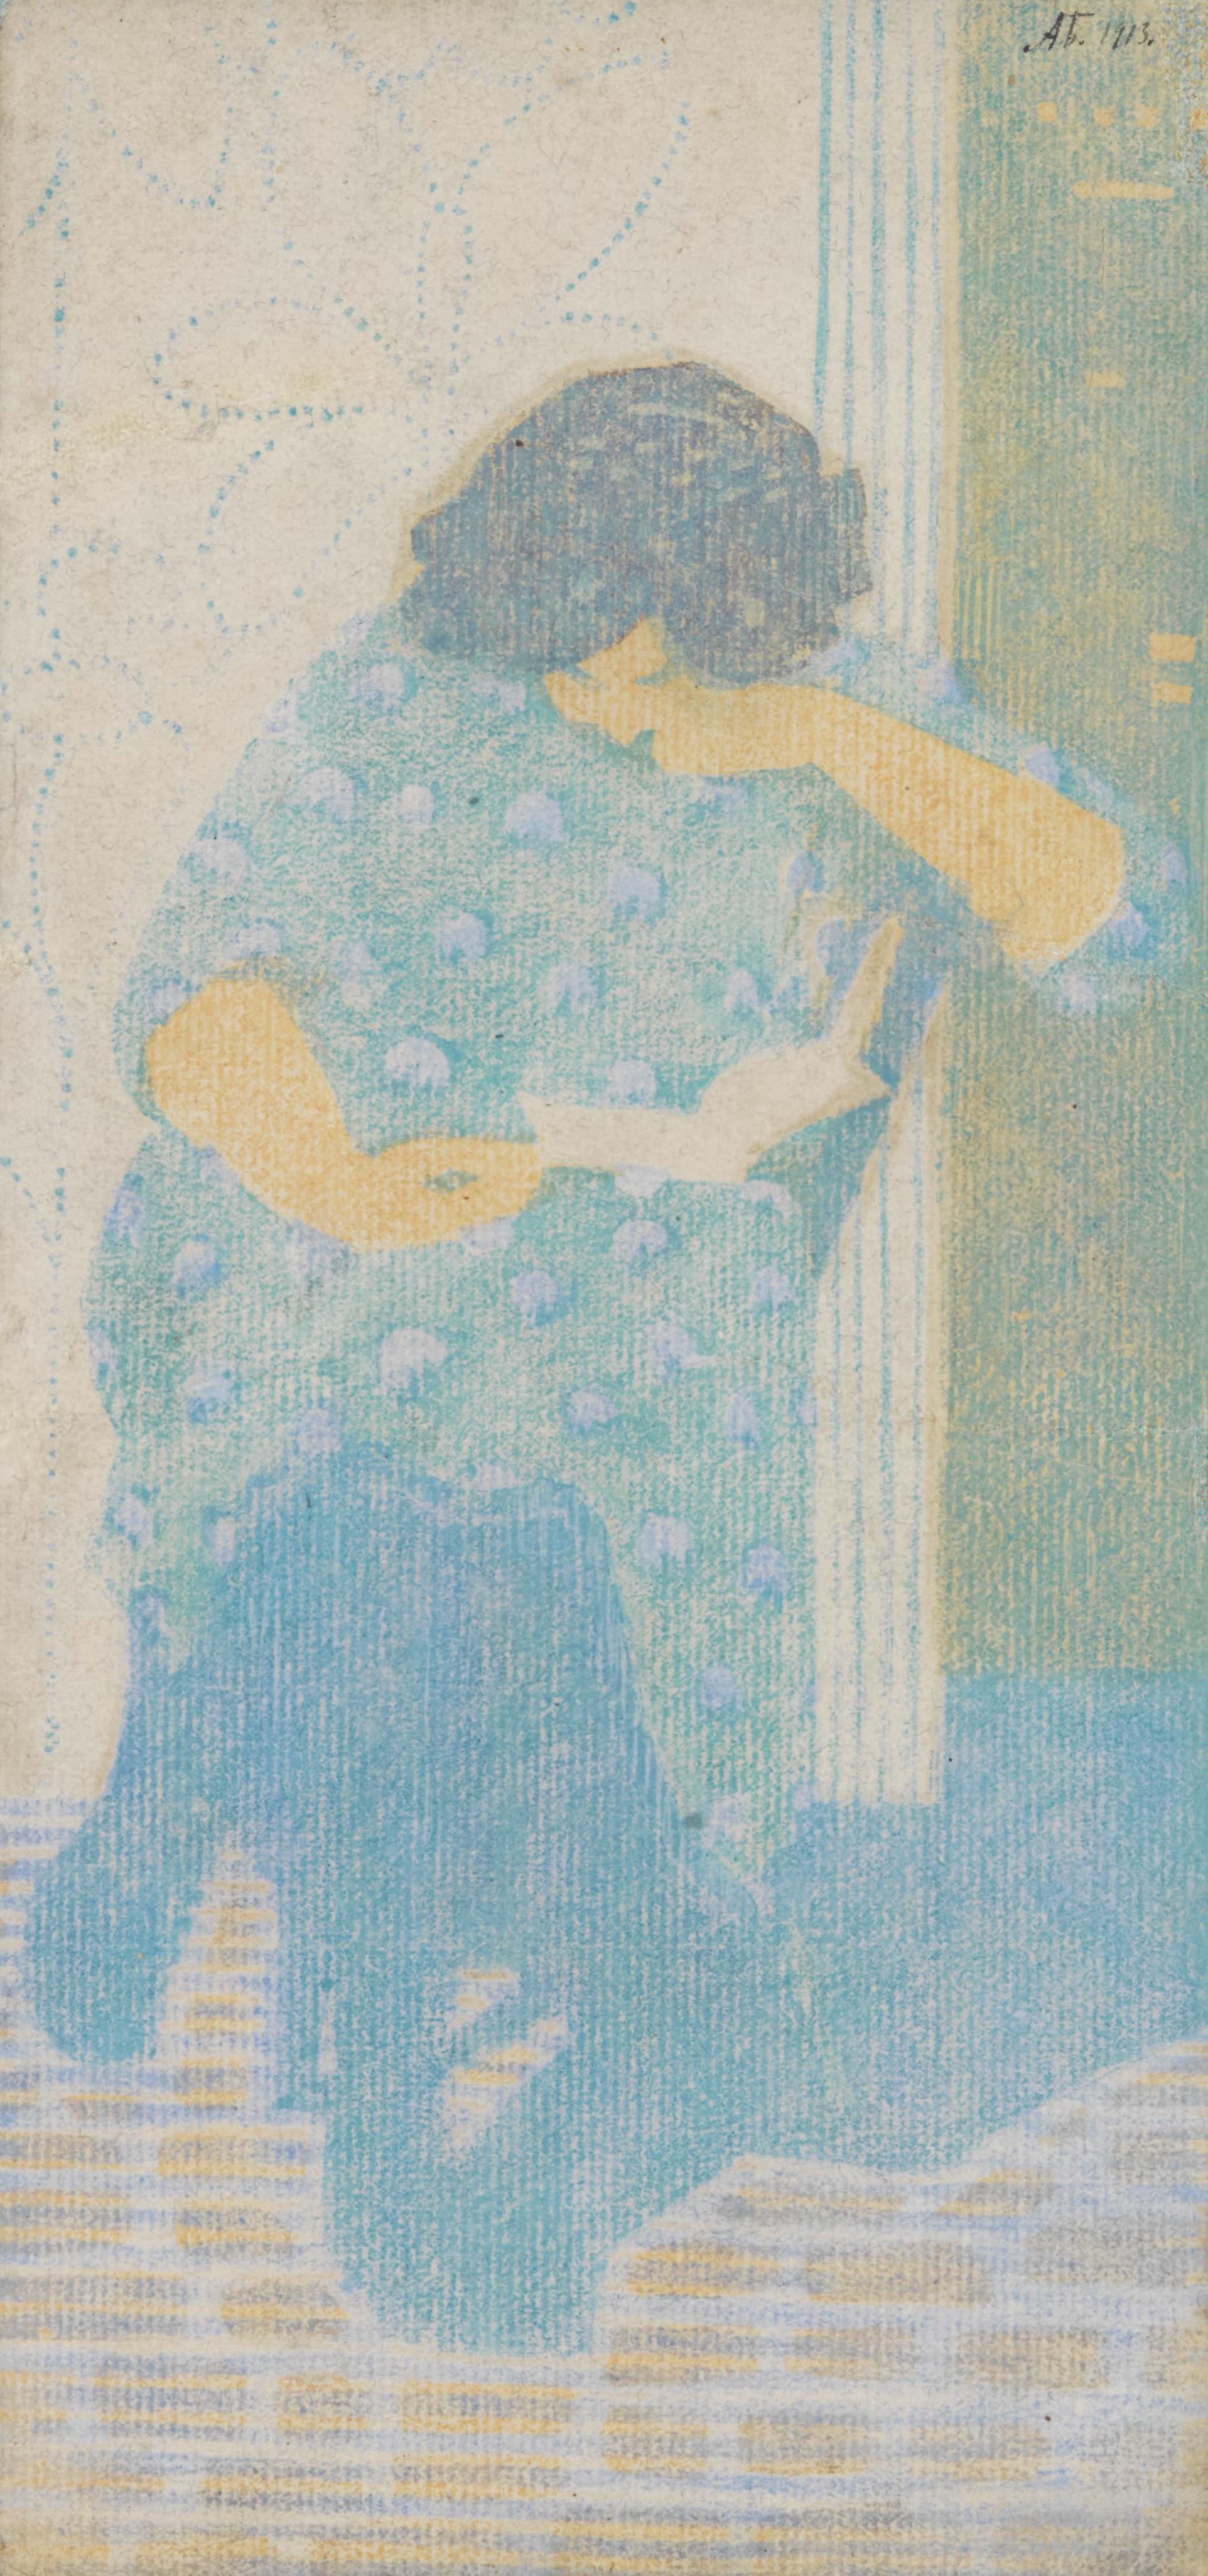 Wanda reading, 1911 - Alexander Bogomazov